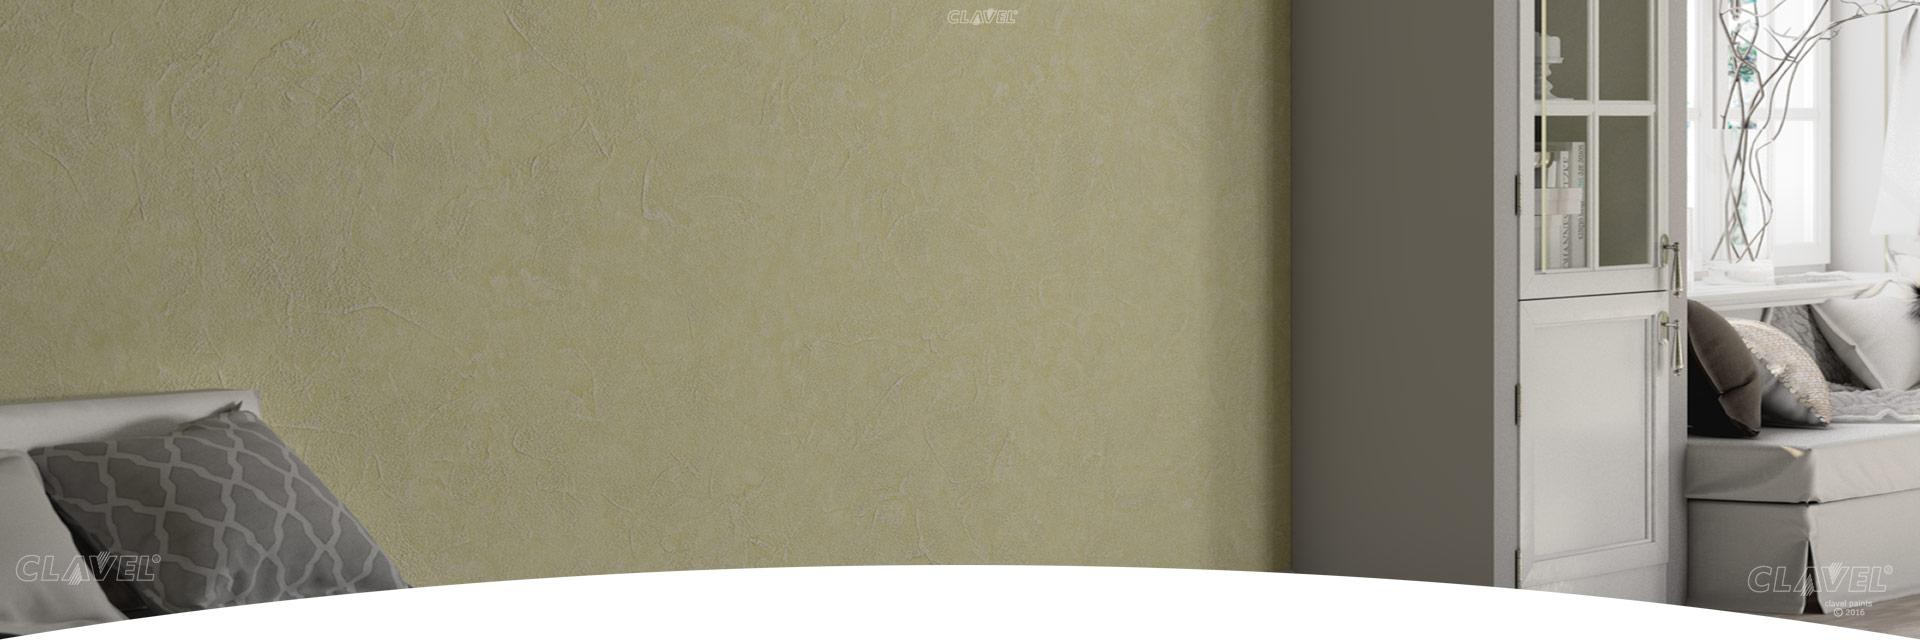 Структурные штукатурки под старину - каталог эффектов